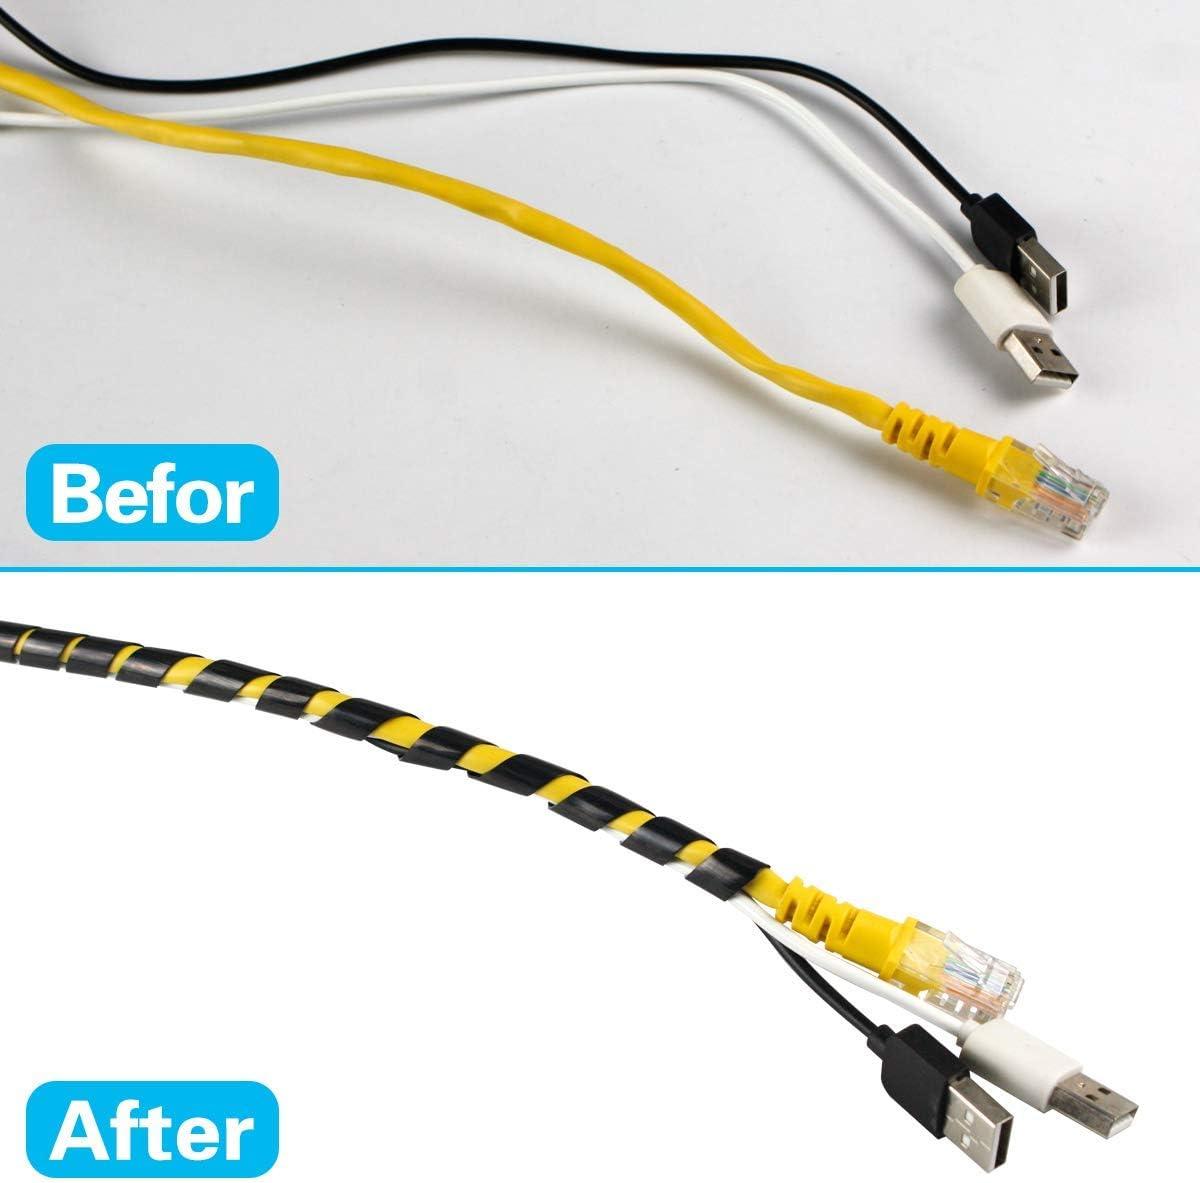 Schwarz 12mm Durchmesser und 7,5m L/änge Flexibler Spiralschlauch Kabelorganisation GTIWUNG Kabelschlauch Kabelspirale Spiralband Kabelschutz